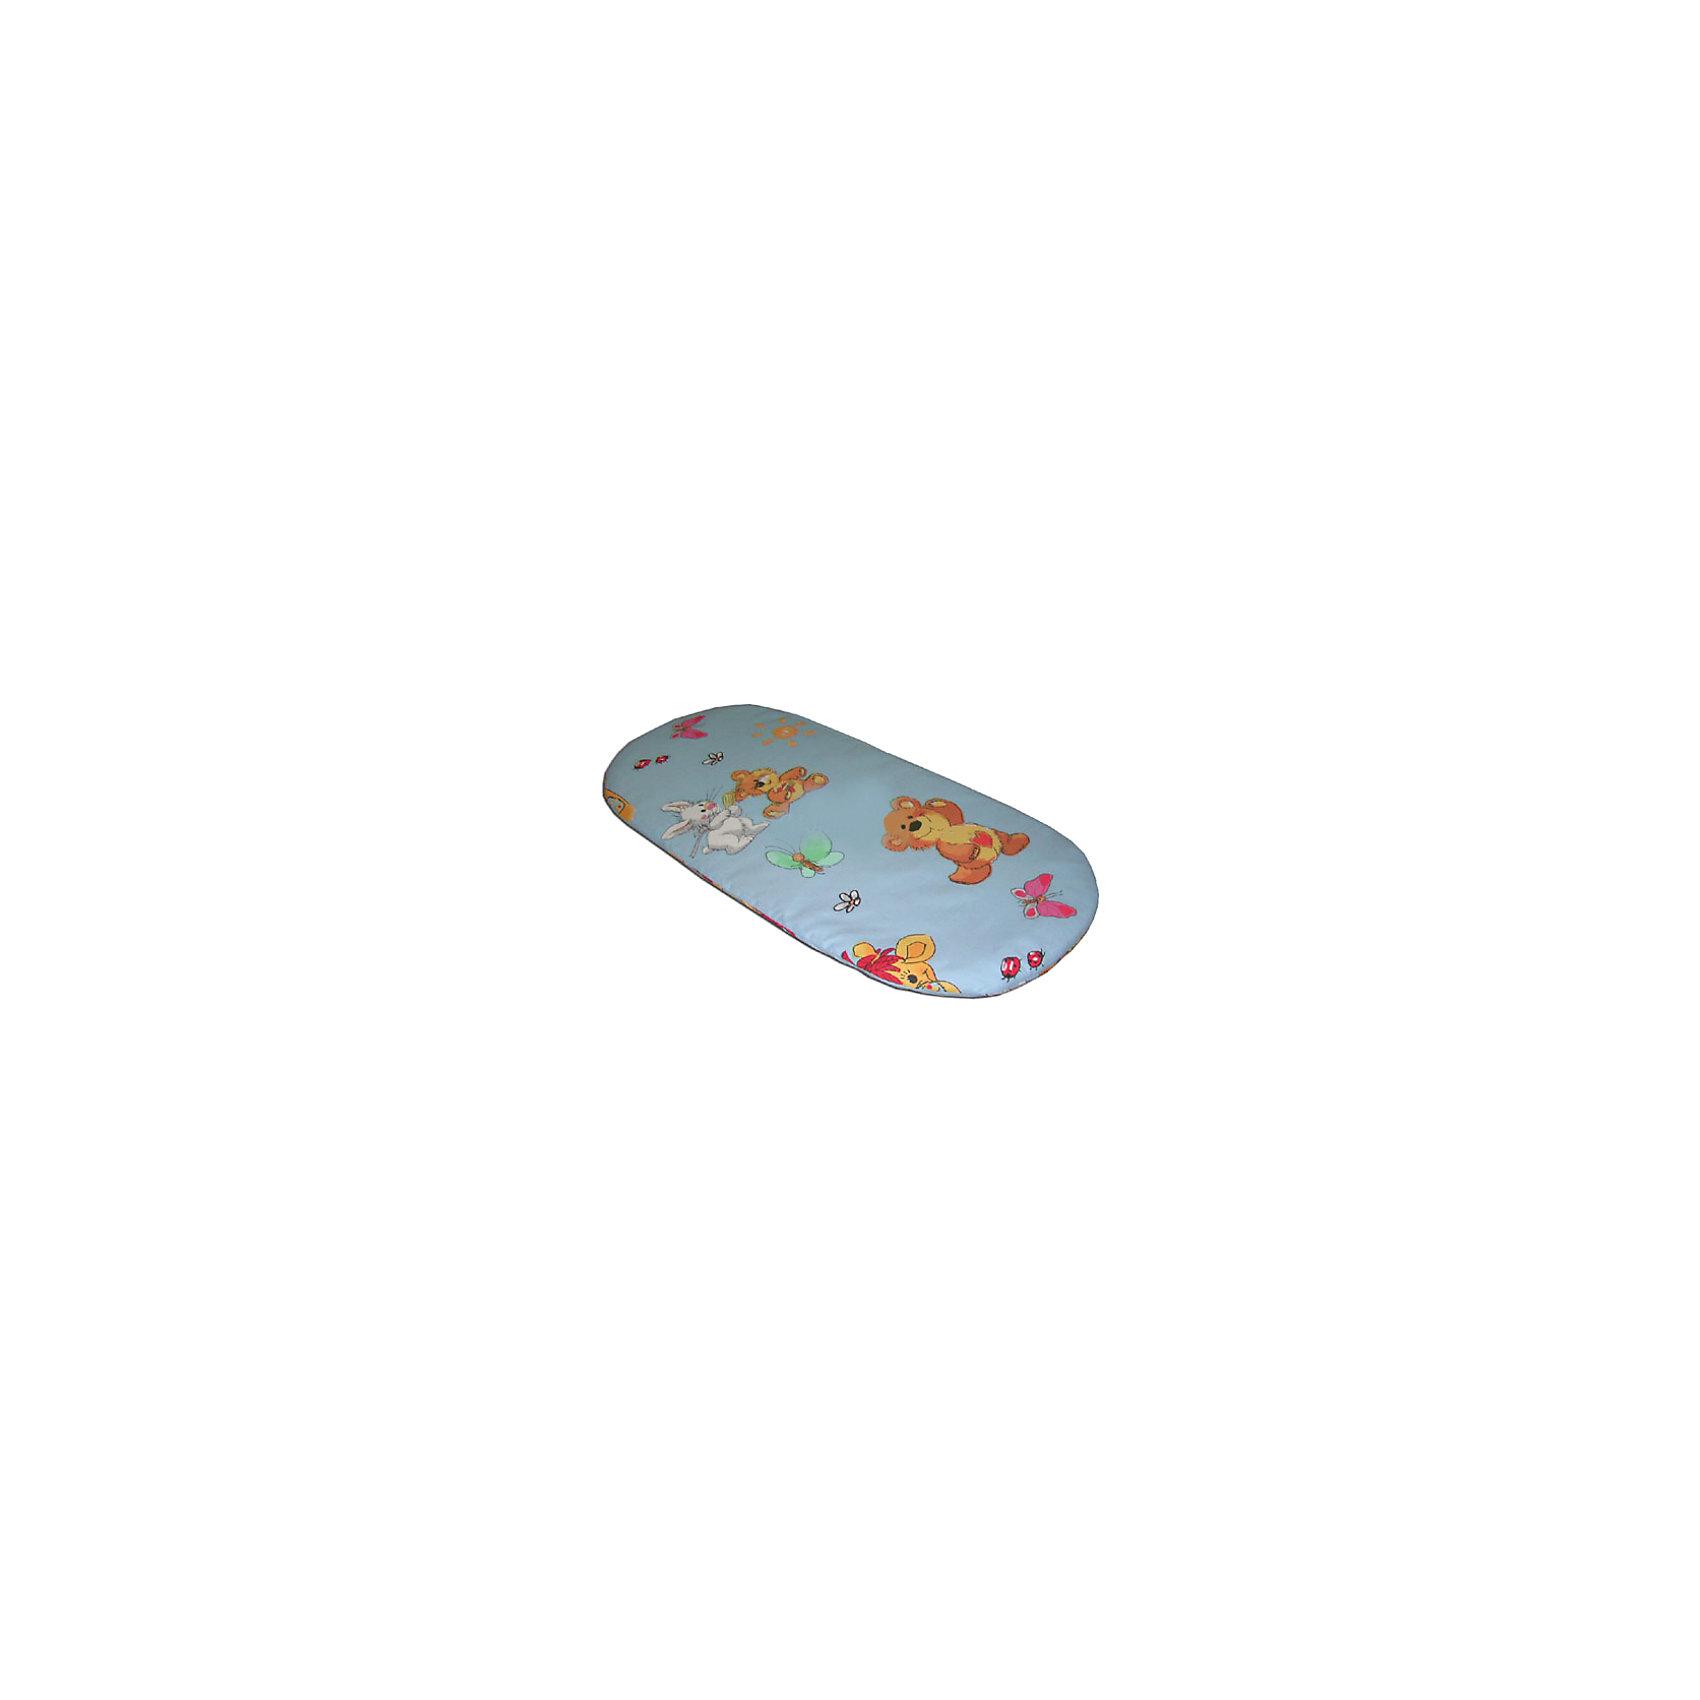 Матрас в коляску КОКОС- МИНИ 35*80, Мони-СтильС первых дней жизни здоровье малыша напрямую зависит от полноценного и комфортного сна. Этот матрасик разработан специально для малышей. Его можно использовать для детской коляски. В основе - кокосовая койра, это экологичный, упругий, жесткий материал, обладает исключительными антиаллергическими и антибактериальными свойствами: не впитывает запахи и влагу, не гниет, отлично пропускает воздух и регулирует температуру, к тому же не деформируется, гарантирует правильное формирование позвоночника ребенка. Также в составе - синтепон.<br>Чехол сделан из бязи (хлопок), она отлично пропускает воздух, легко впитывает и хорошо испаряет влагу. Качественные матрасы - здоровый сон Вашего малыша!<br><br>Дополнительная информация:<br><br>материал: бязь, кокосовая койра, синтепон;<br>цвет: разноцветный;<br>размер: 35х80 см.<br><br>Матрас в коляску КОКОС- МИНИ 35*80 от компании Мони-Стиль можно купить в нашем магазине.<br><br>Ширина мм: 350<br>Глубина мм: 800<br>Высота мм: 100<br>Вес г: 200<br>Возраст от месяцев: 0<br>Возраст до месяцев: 12<br>Пол: Унисекс<br>Возраст: Детский<br>SKU: 4720139